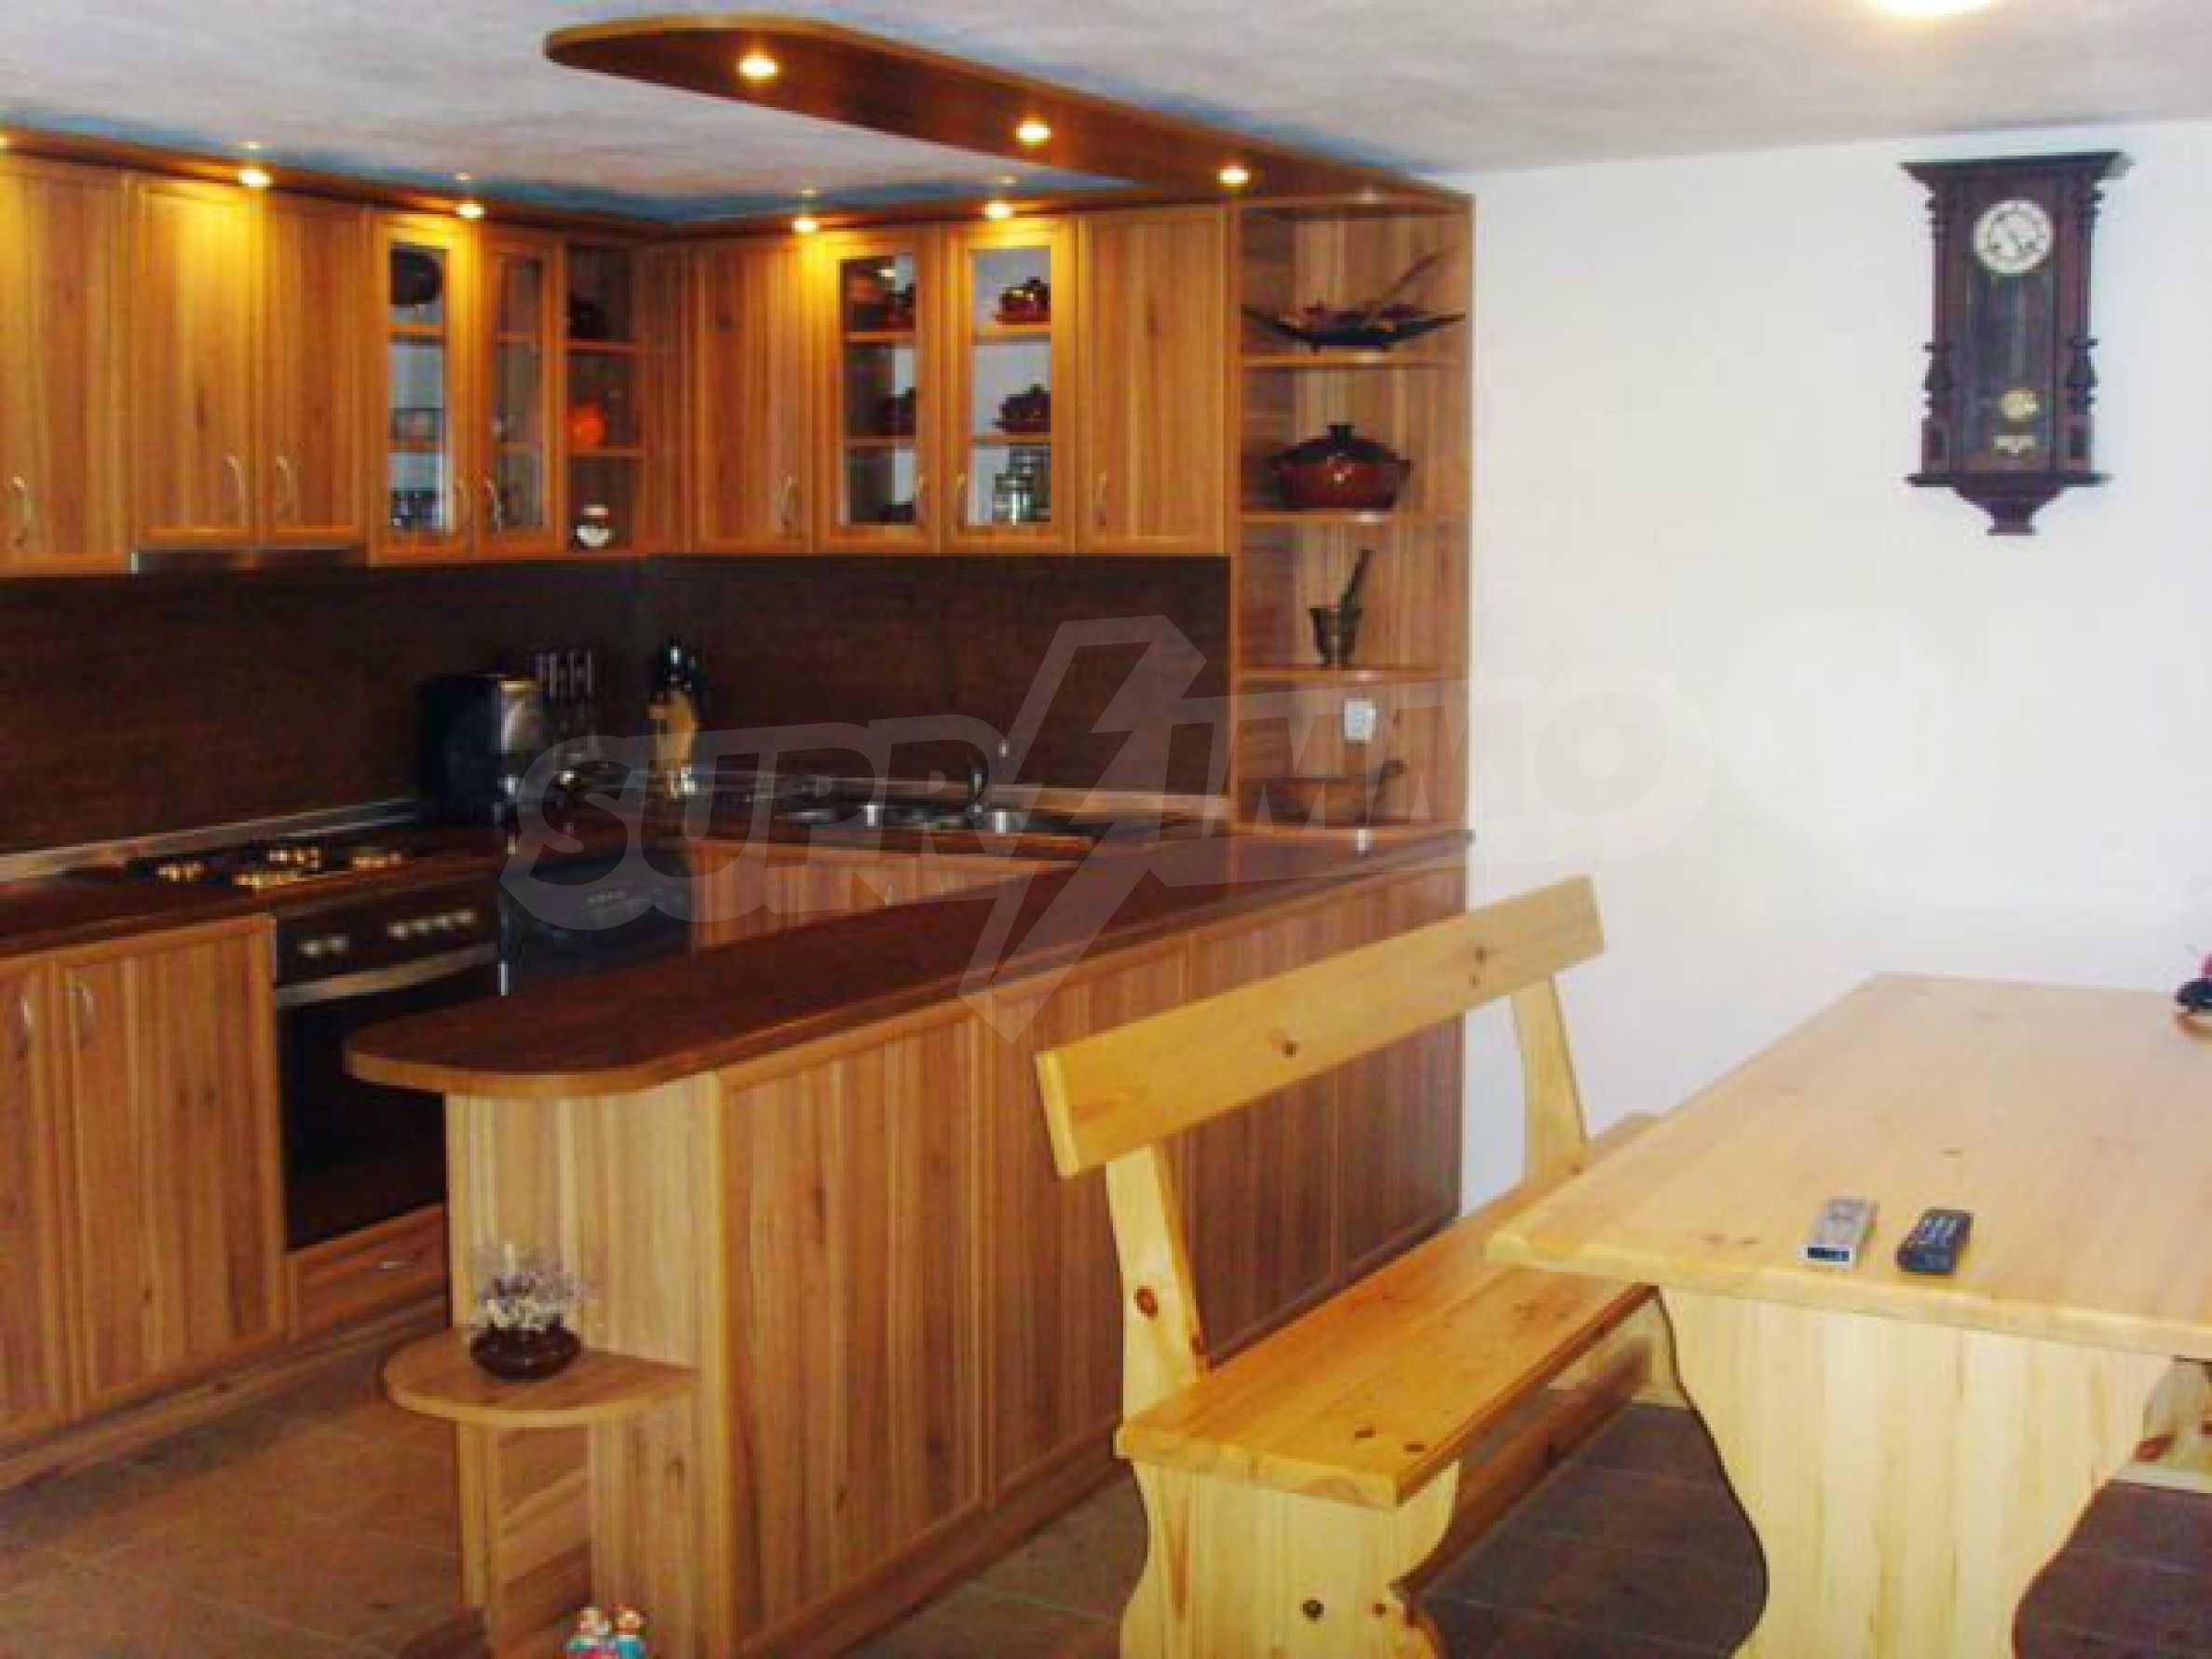 Geräumiges, voll möbliertes und ausgestattetes zweistöckiges Haus in Ribaritsa 21